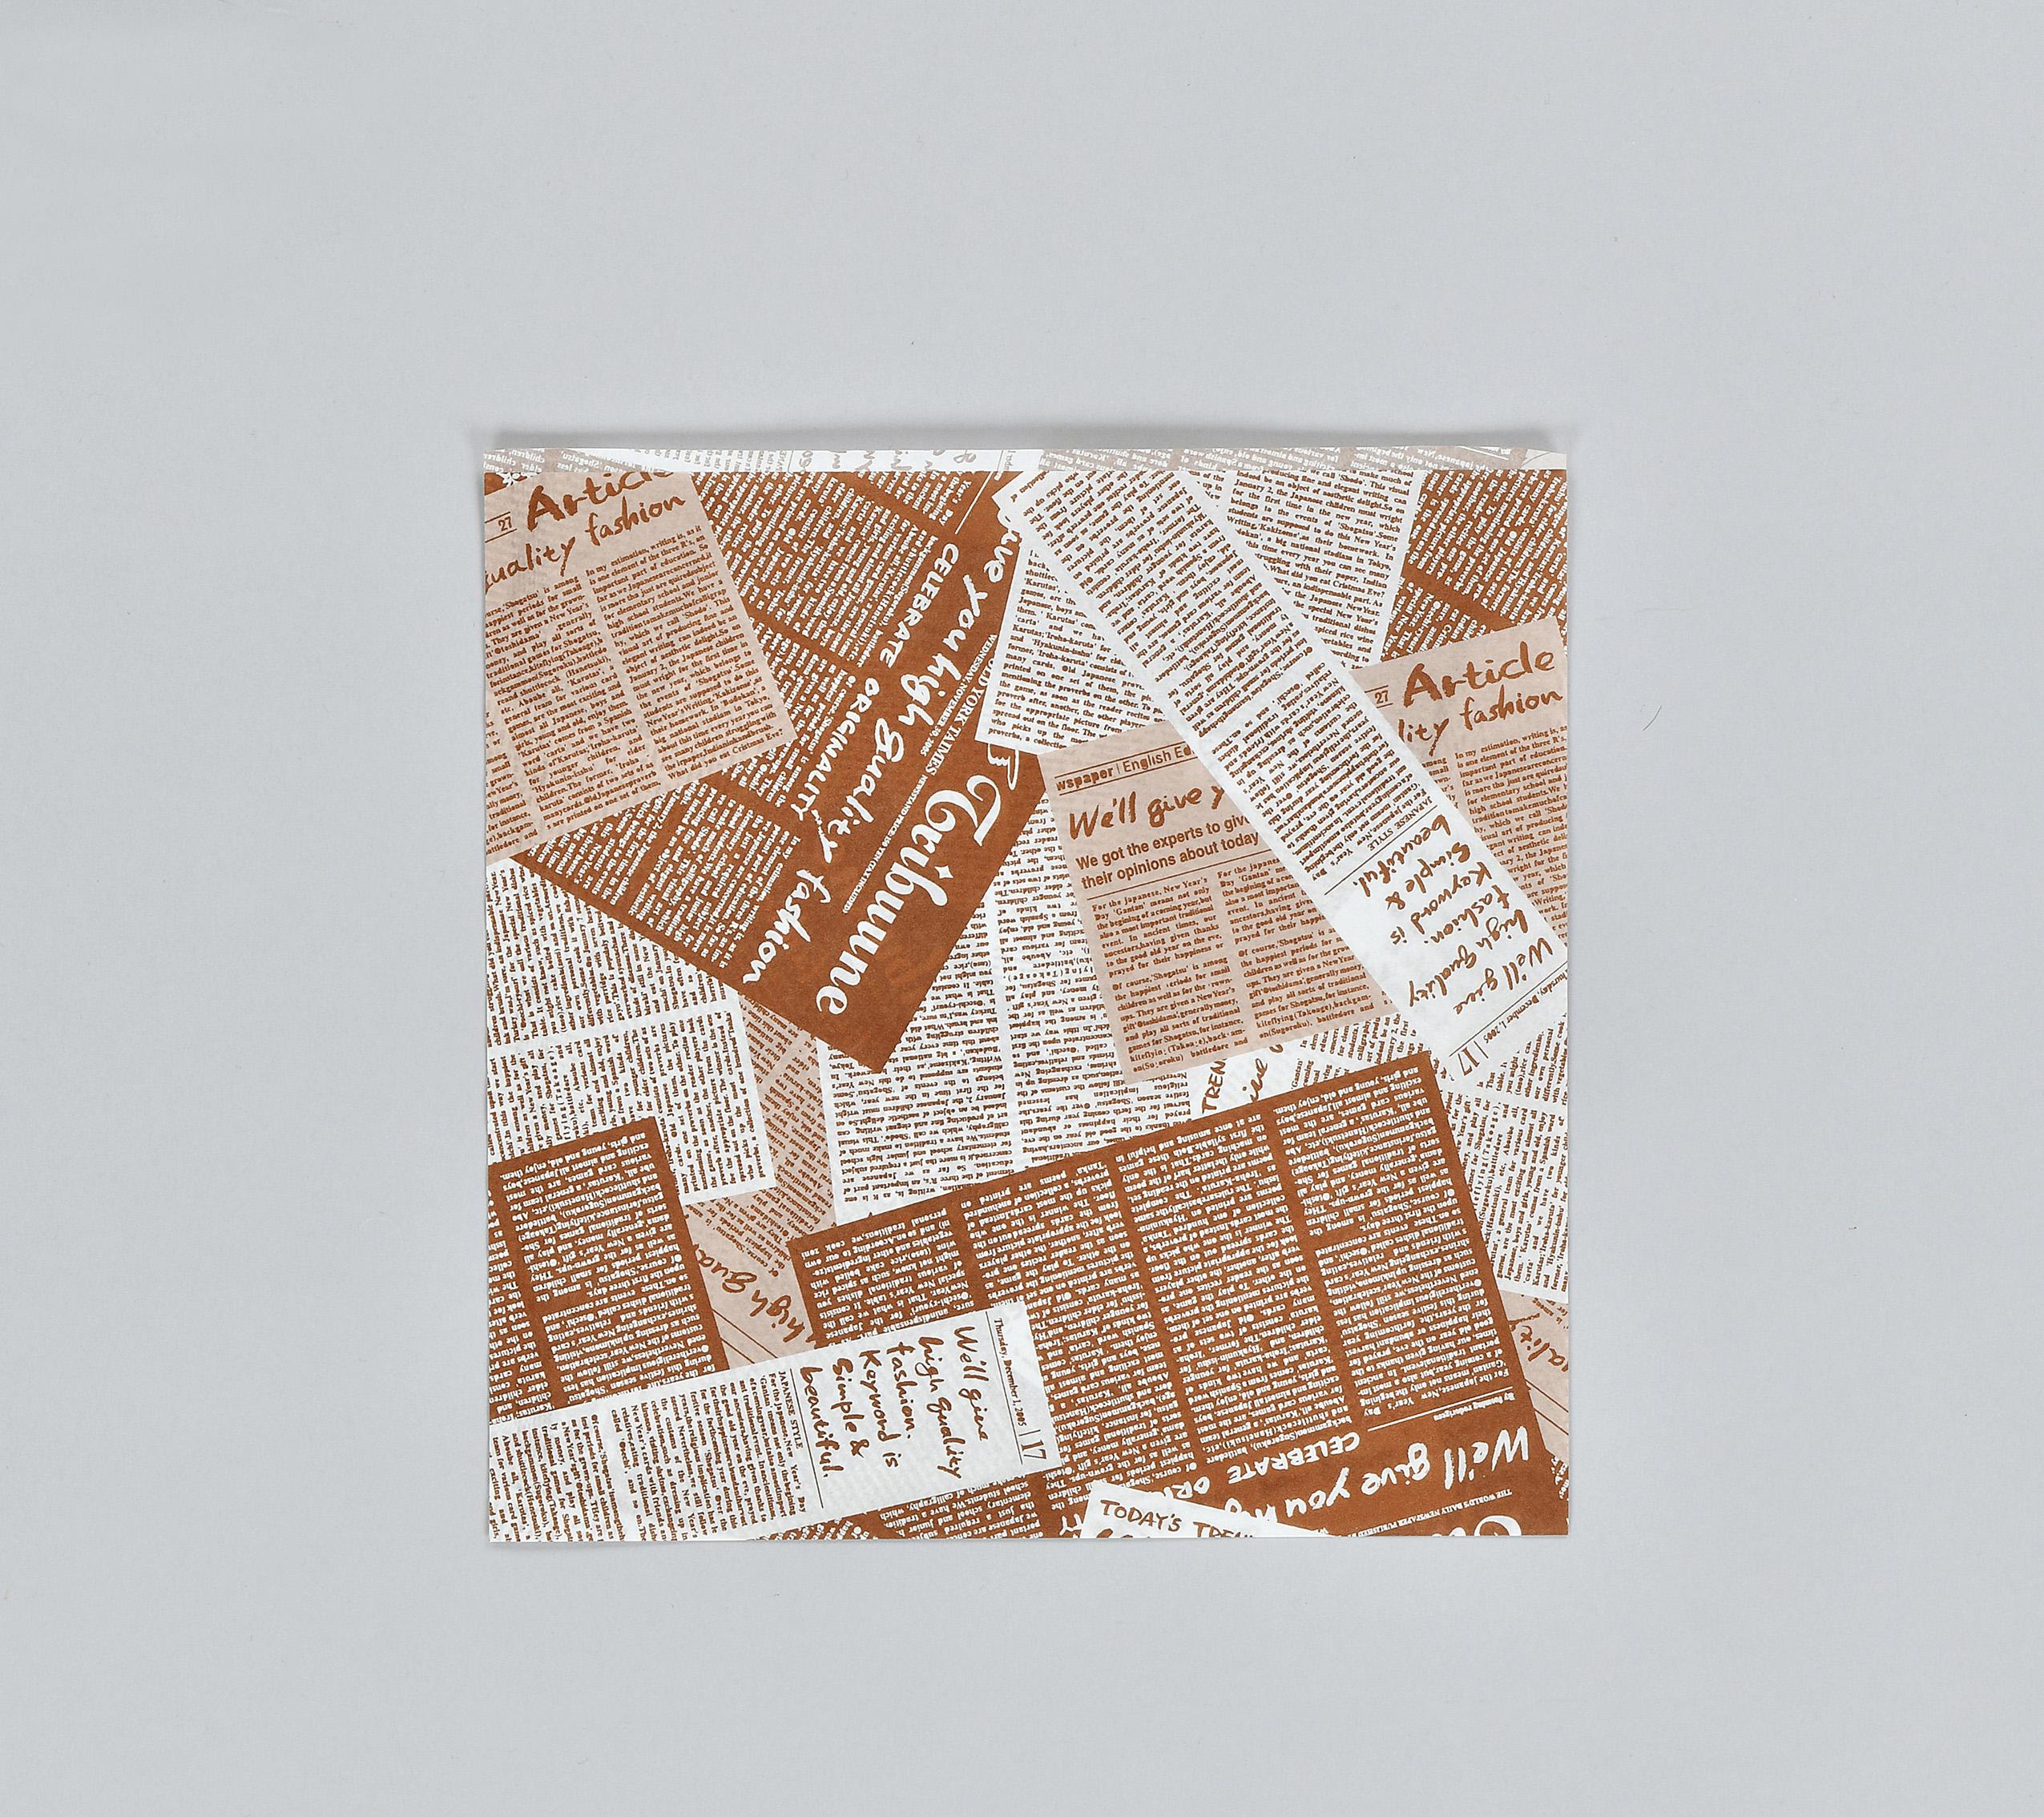 バーガー袋 No.22 アーティクル(2000枚入り/ケース)使い捨て ハンバーガー ホットドッグ メロンパン 軽食